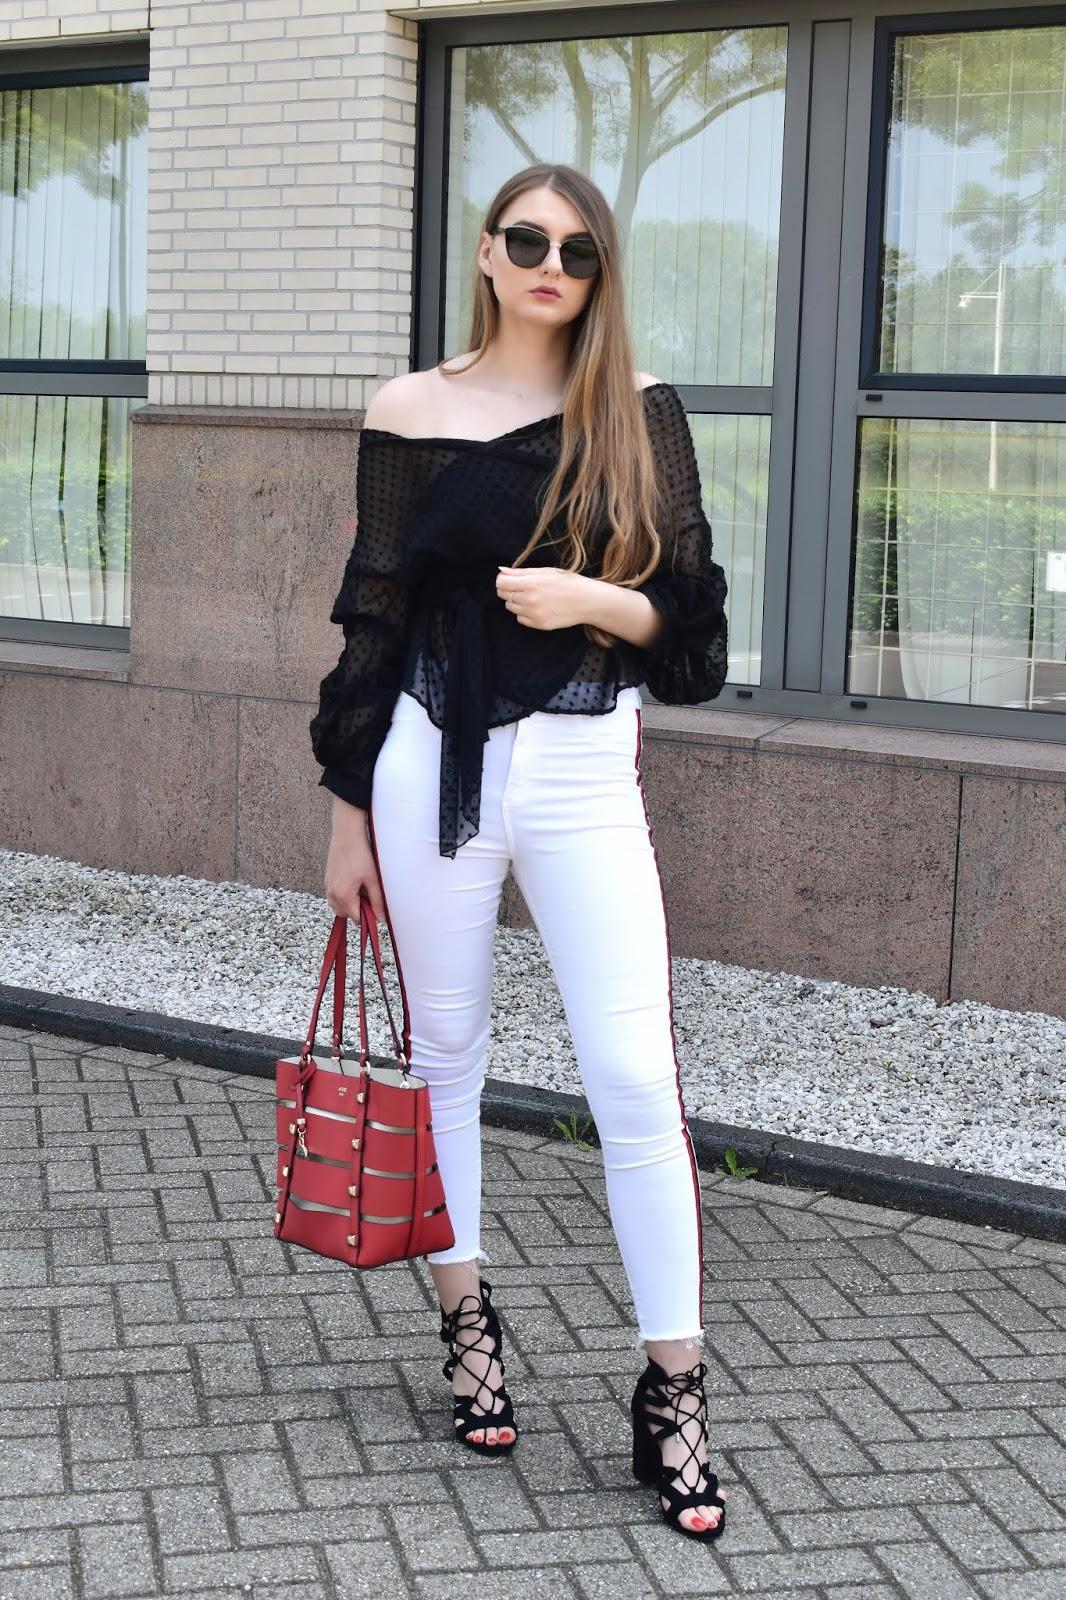 Jak wyglądać dobrze w białych spodniach